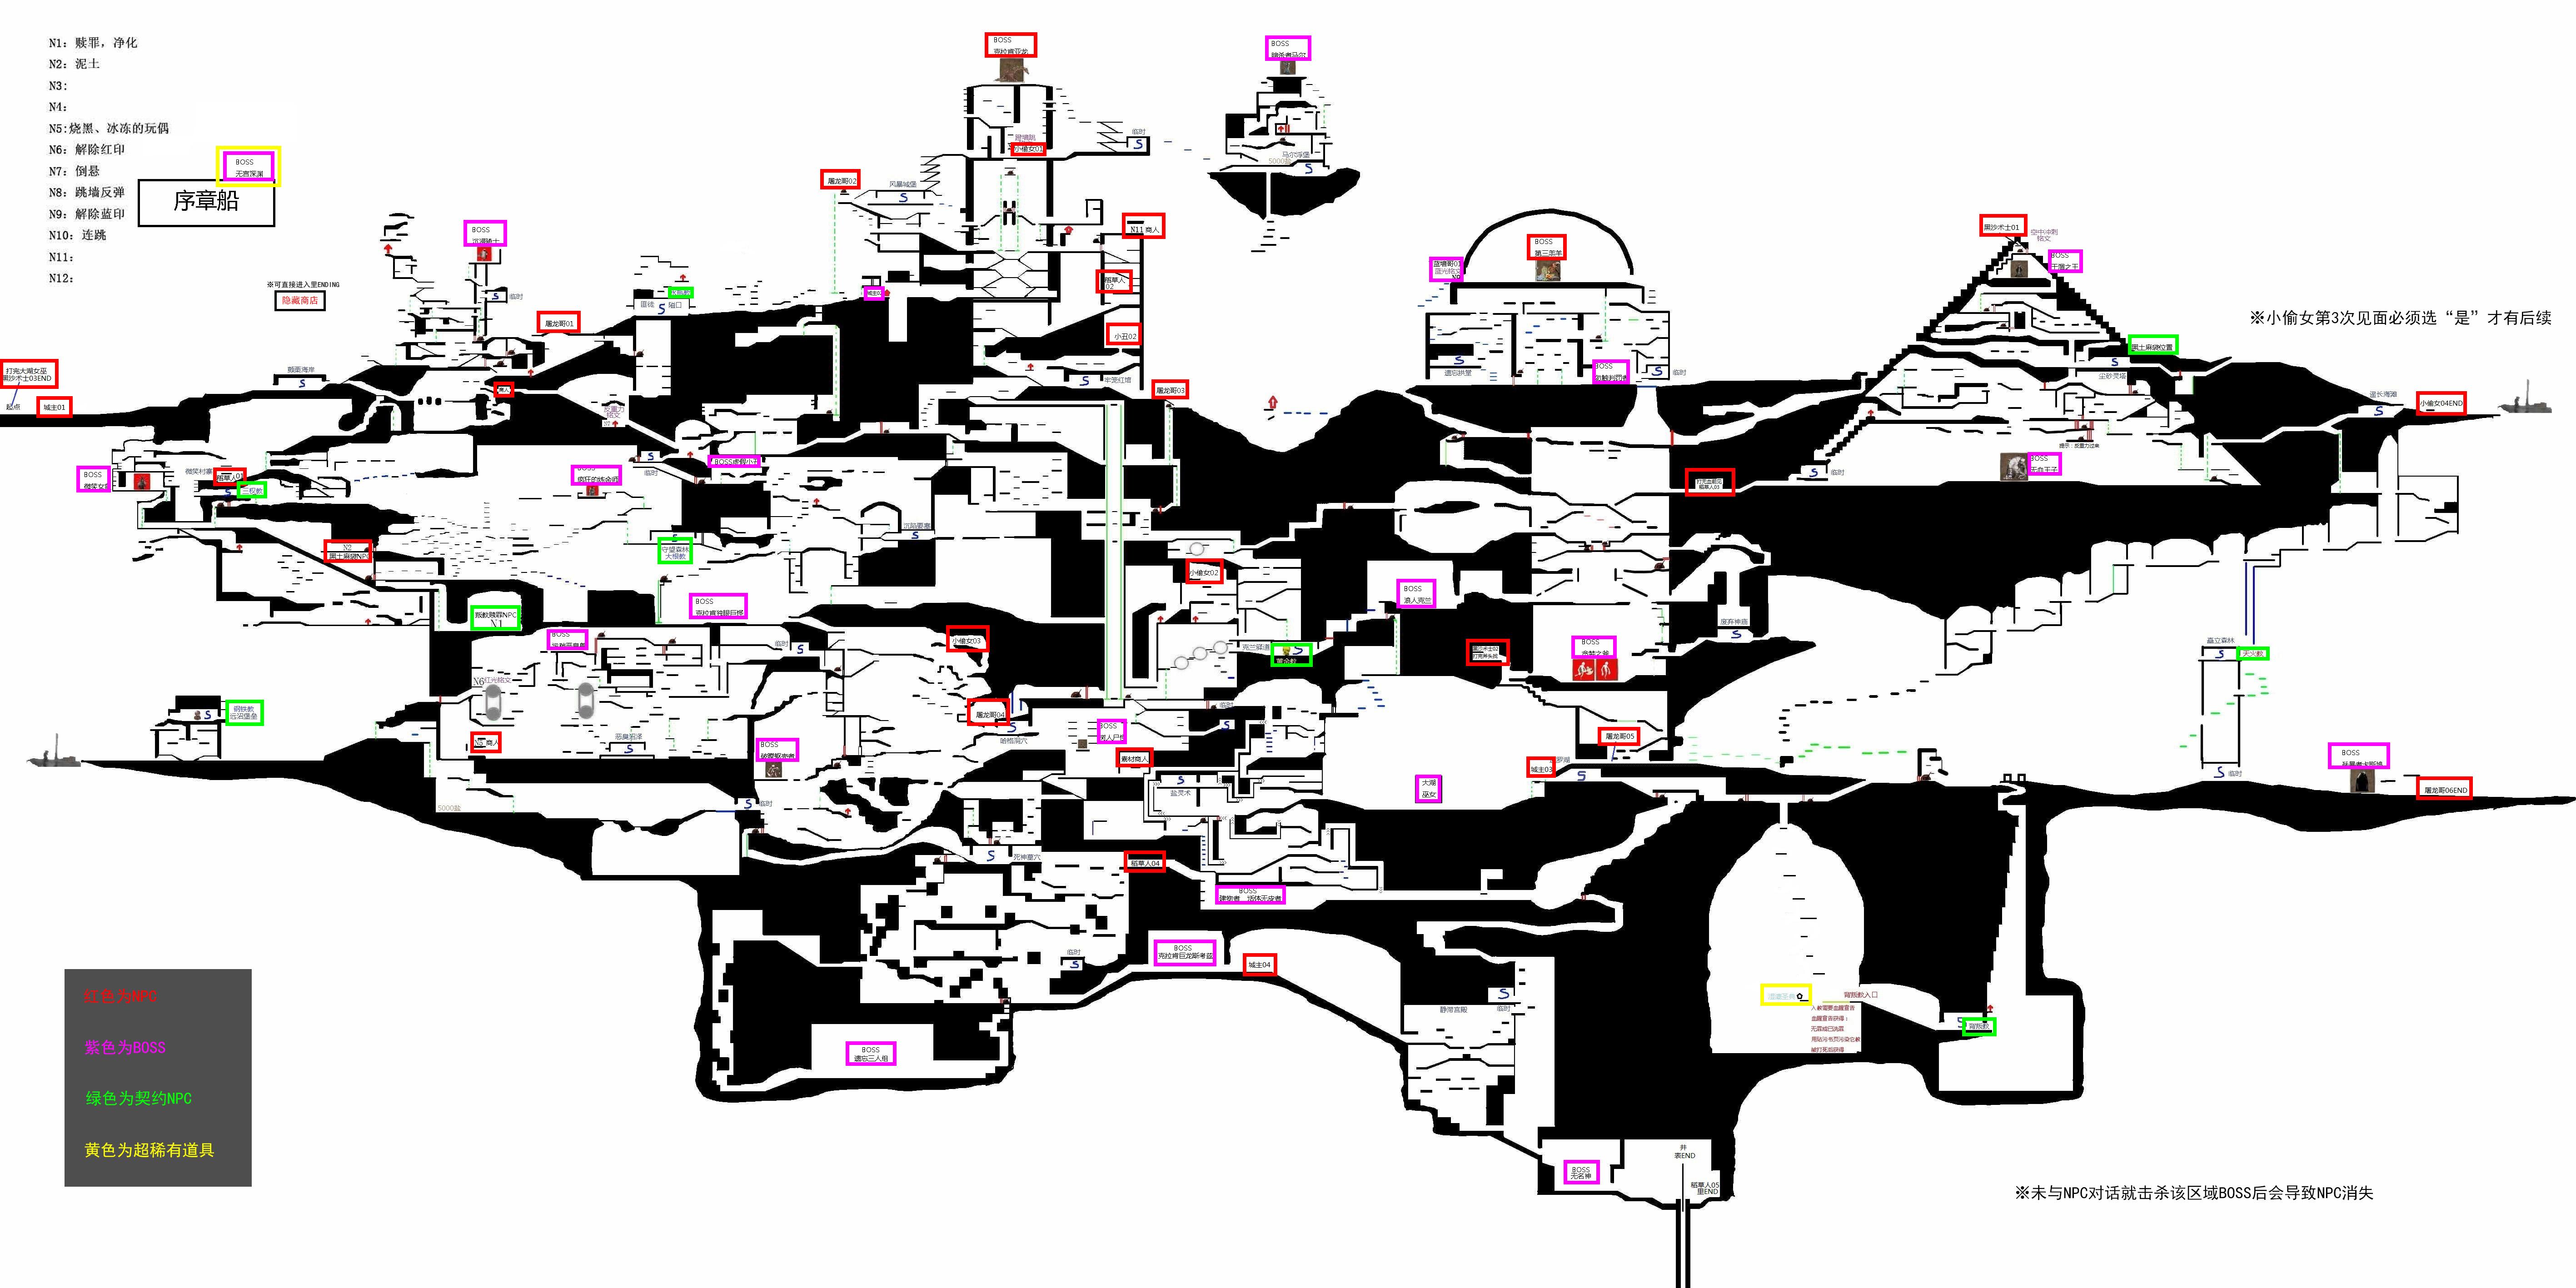 ソルト アンド サンクチュアリ マップ